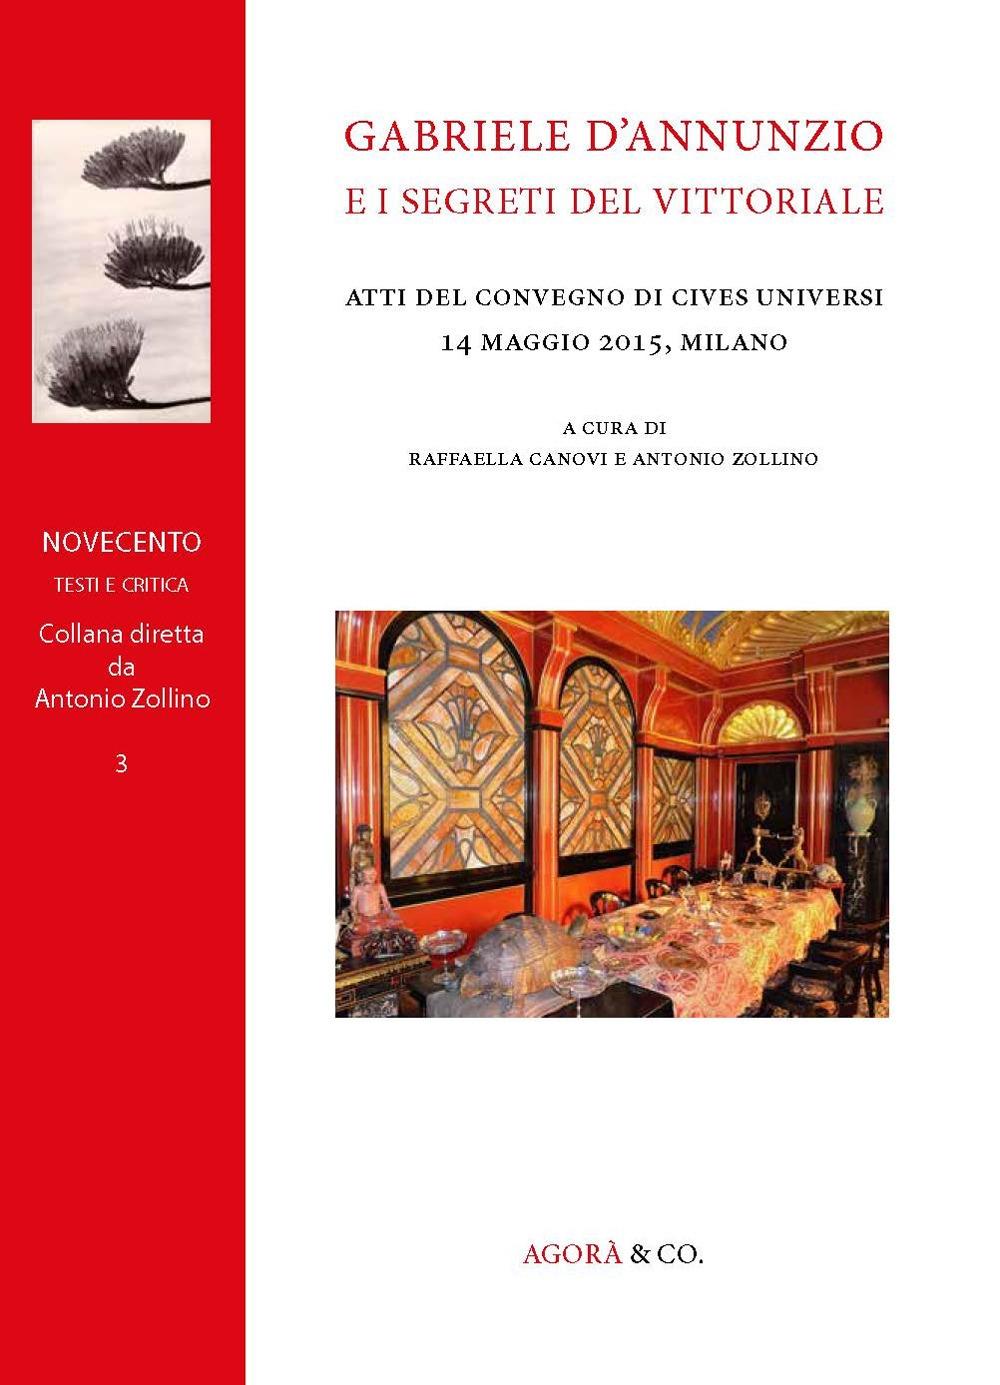 Gabriele d'Annunzio e i segreti del Vittoriale. Atti del Convegno di Cives Universi (Milano, 14 maggio 2015)